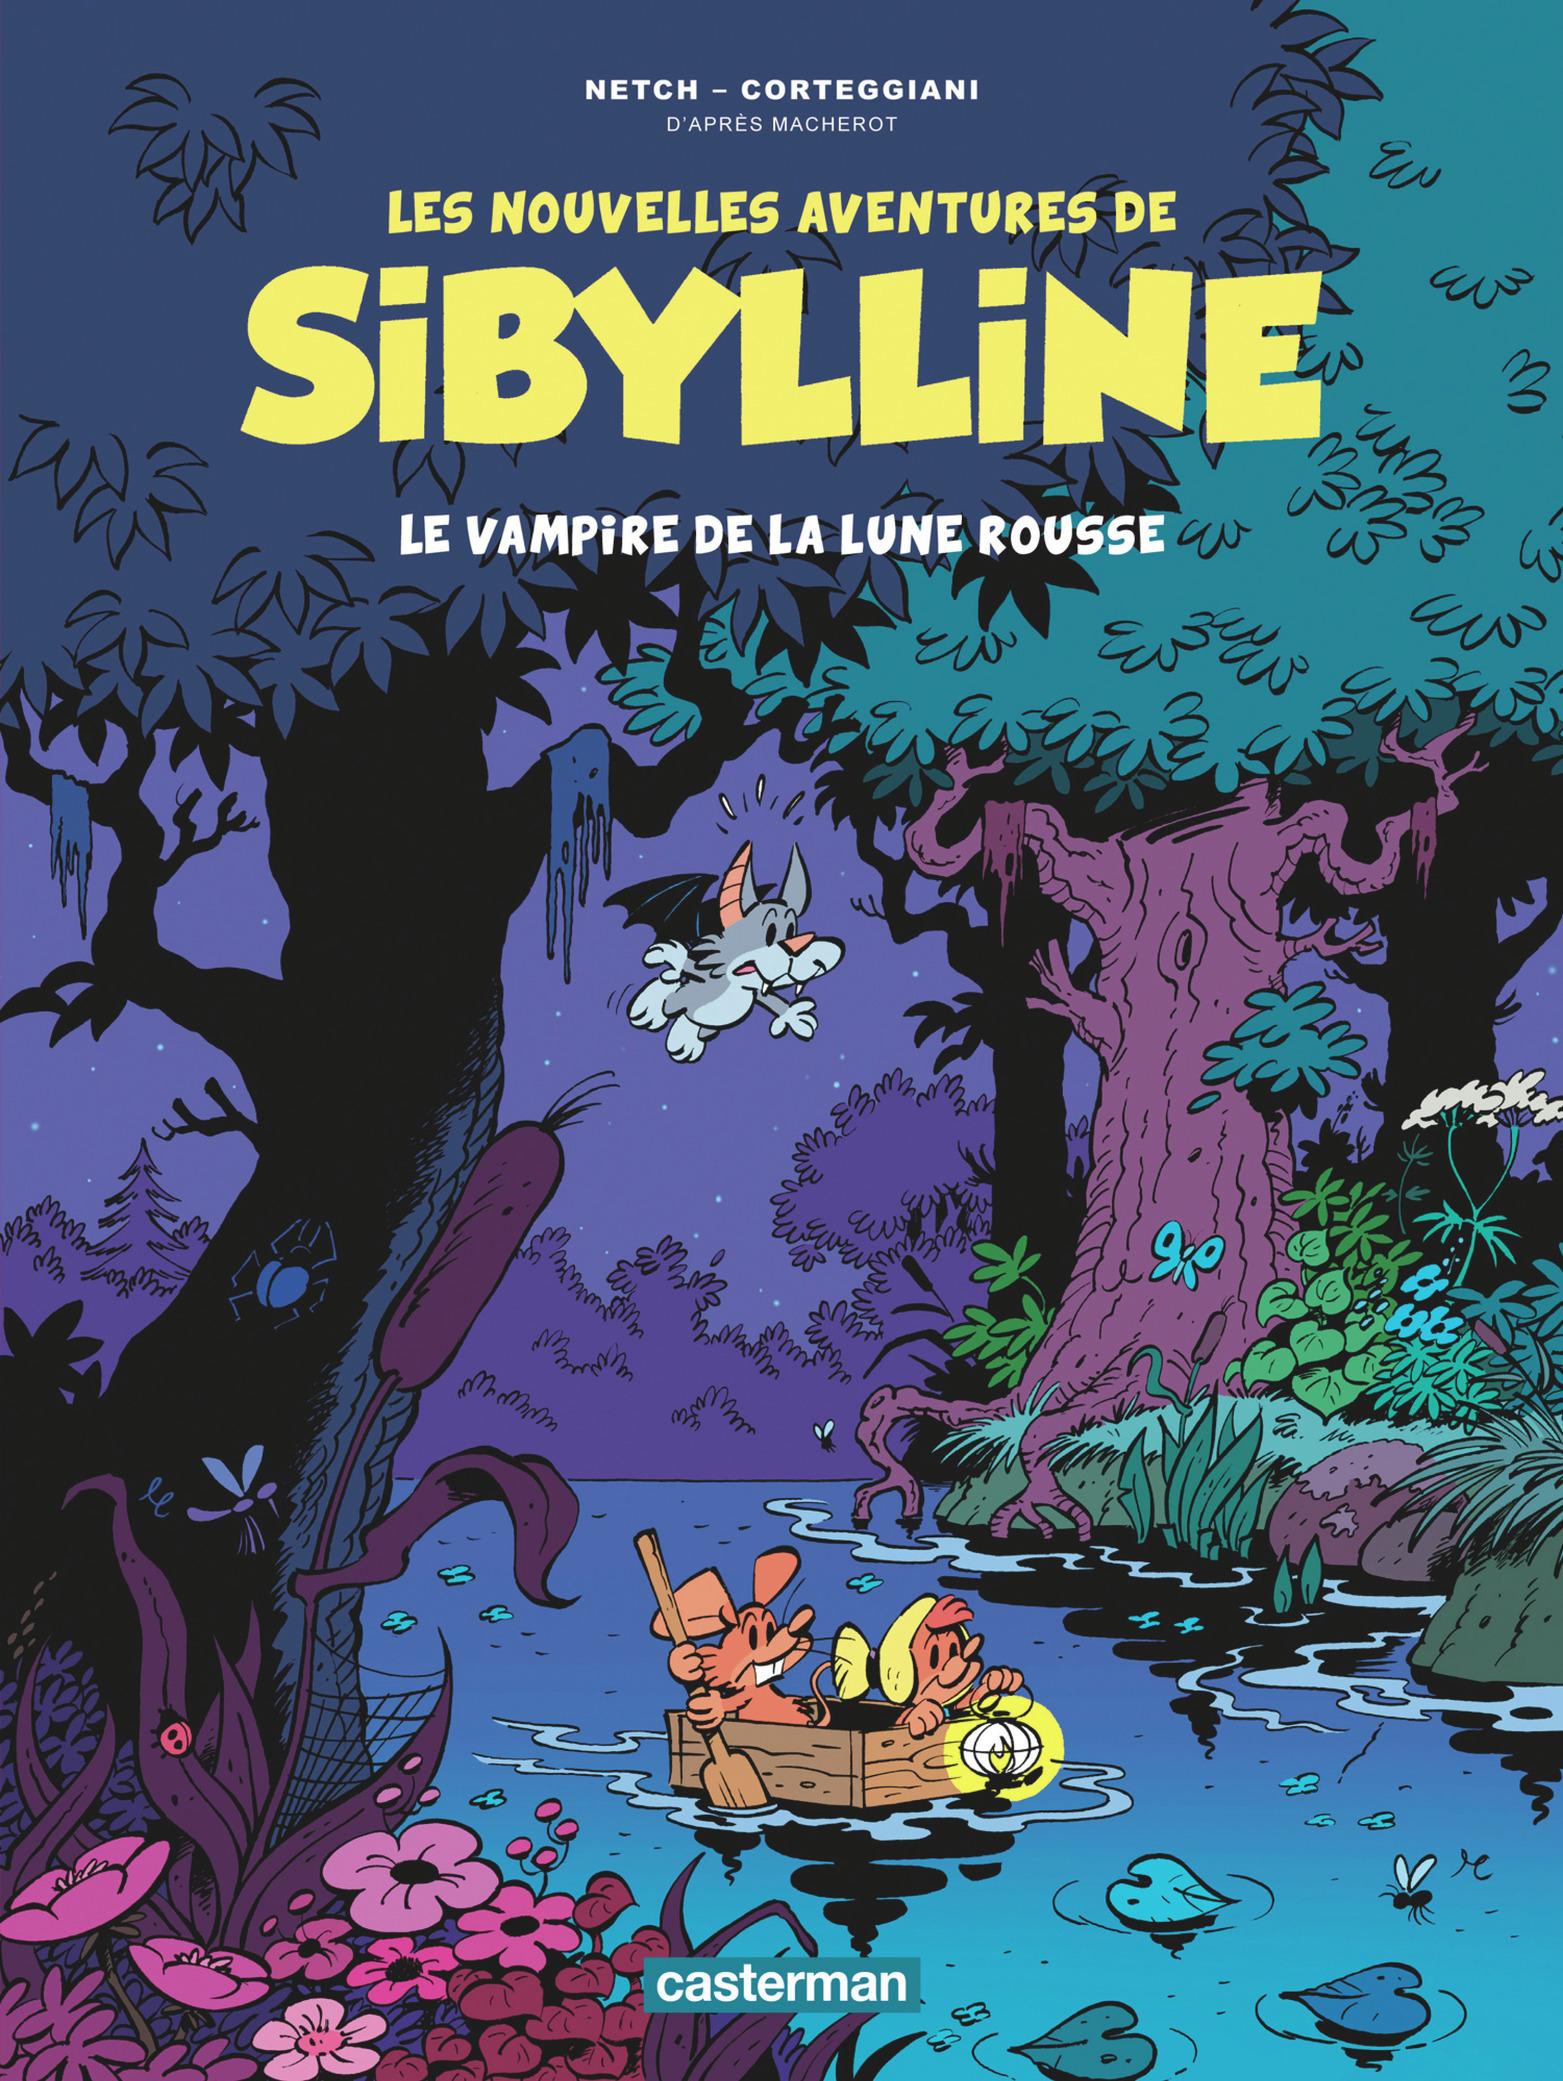 LES NOUVELLES AVENTURES DE SIBYLLINE - T2 - LE VAMPIRE DE LA LUNE ROUSSE